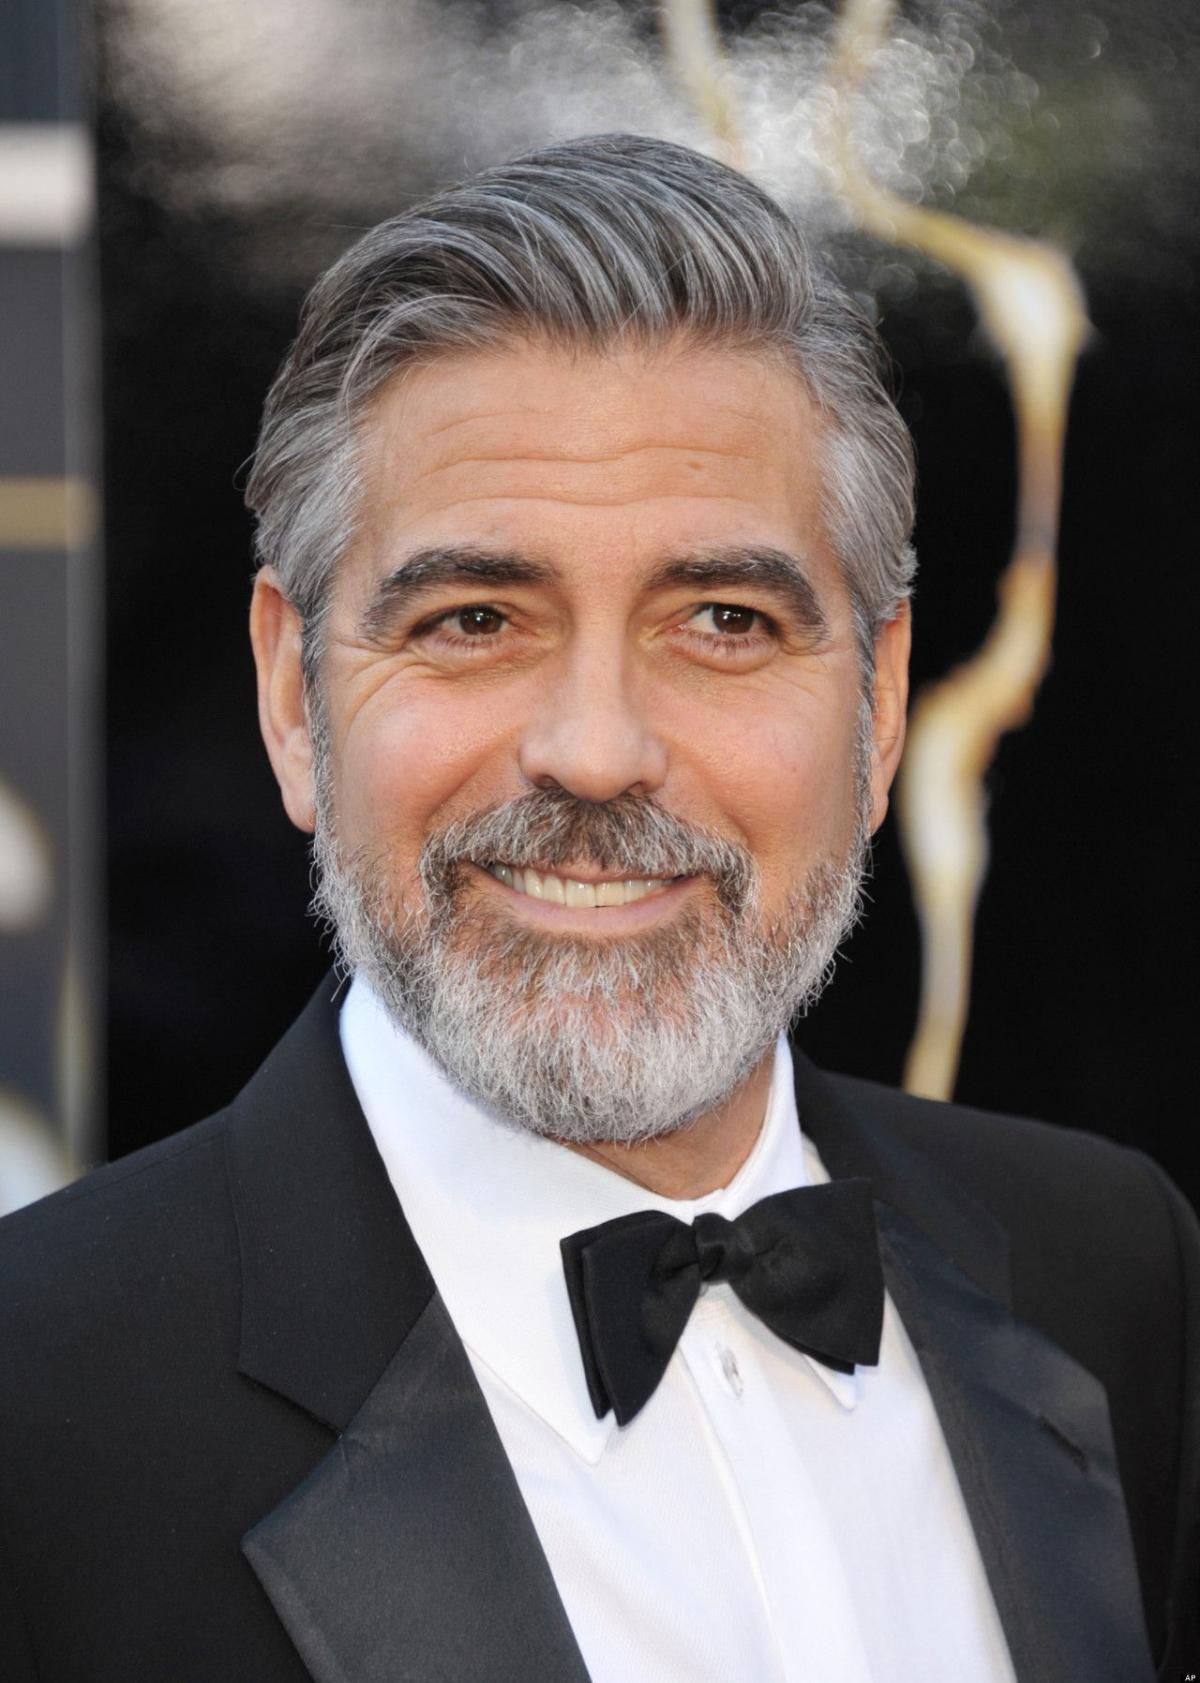 George Clooney elegant gentleman beard style